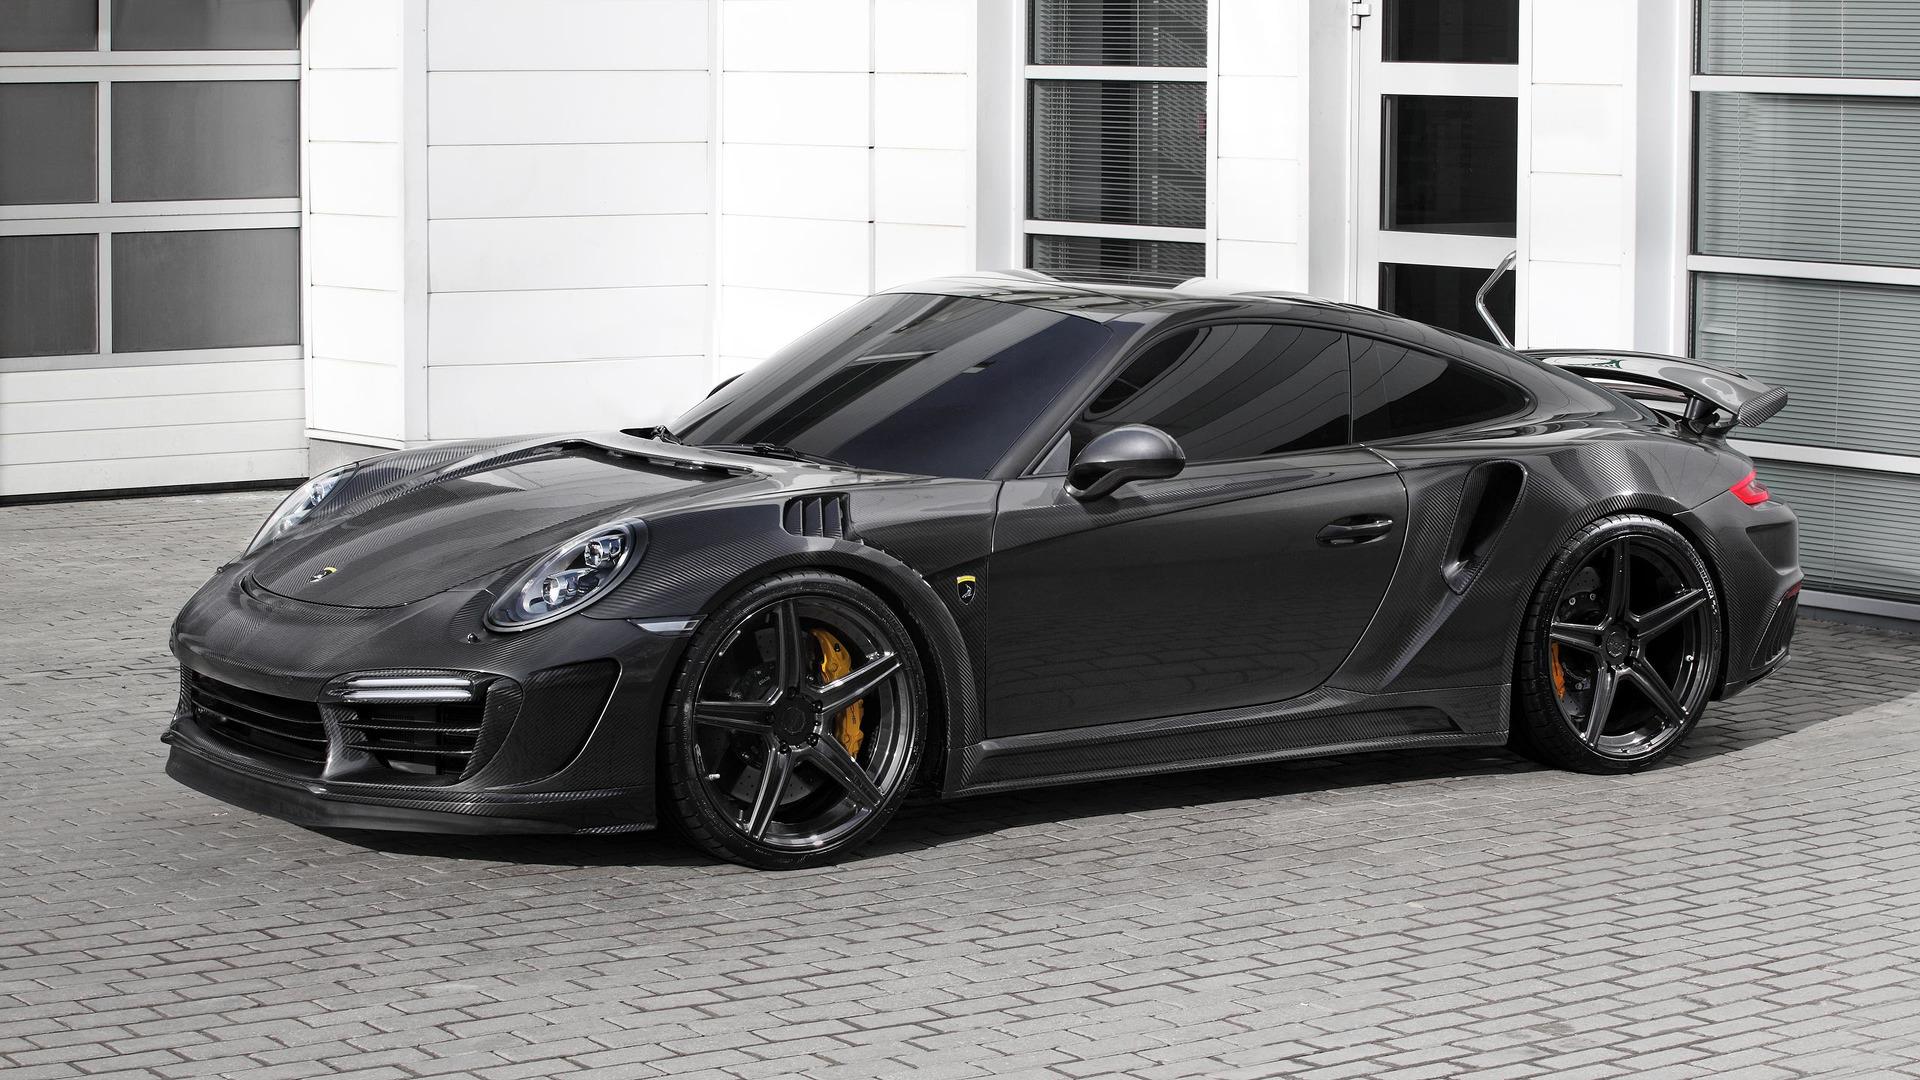 tuner gives porsche 911 turbo carbon fiber body 650 hp. Black Bedroom Furniture Sets. Home Design Ideas